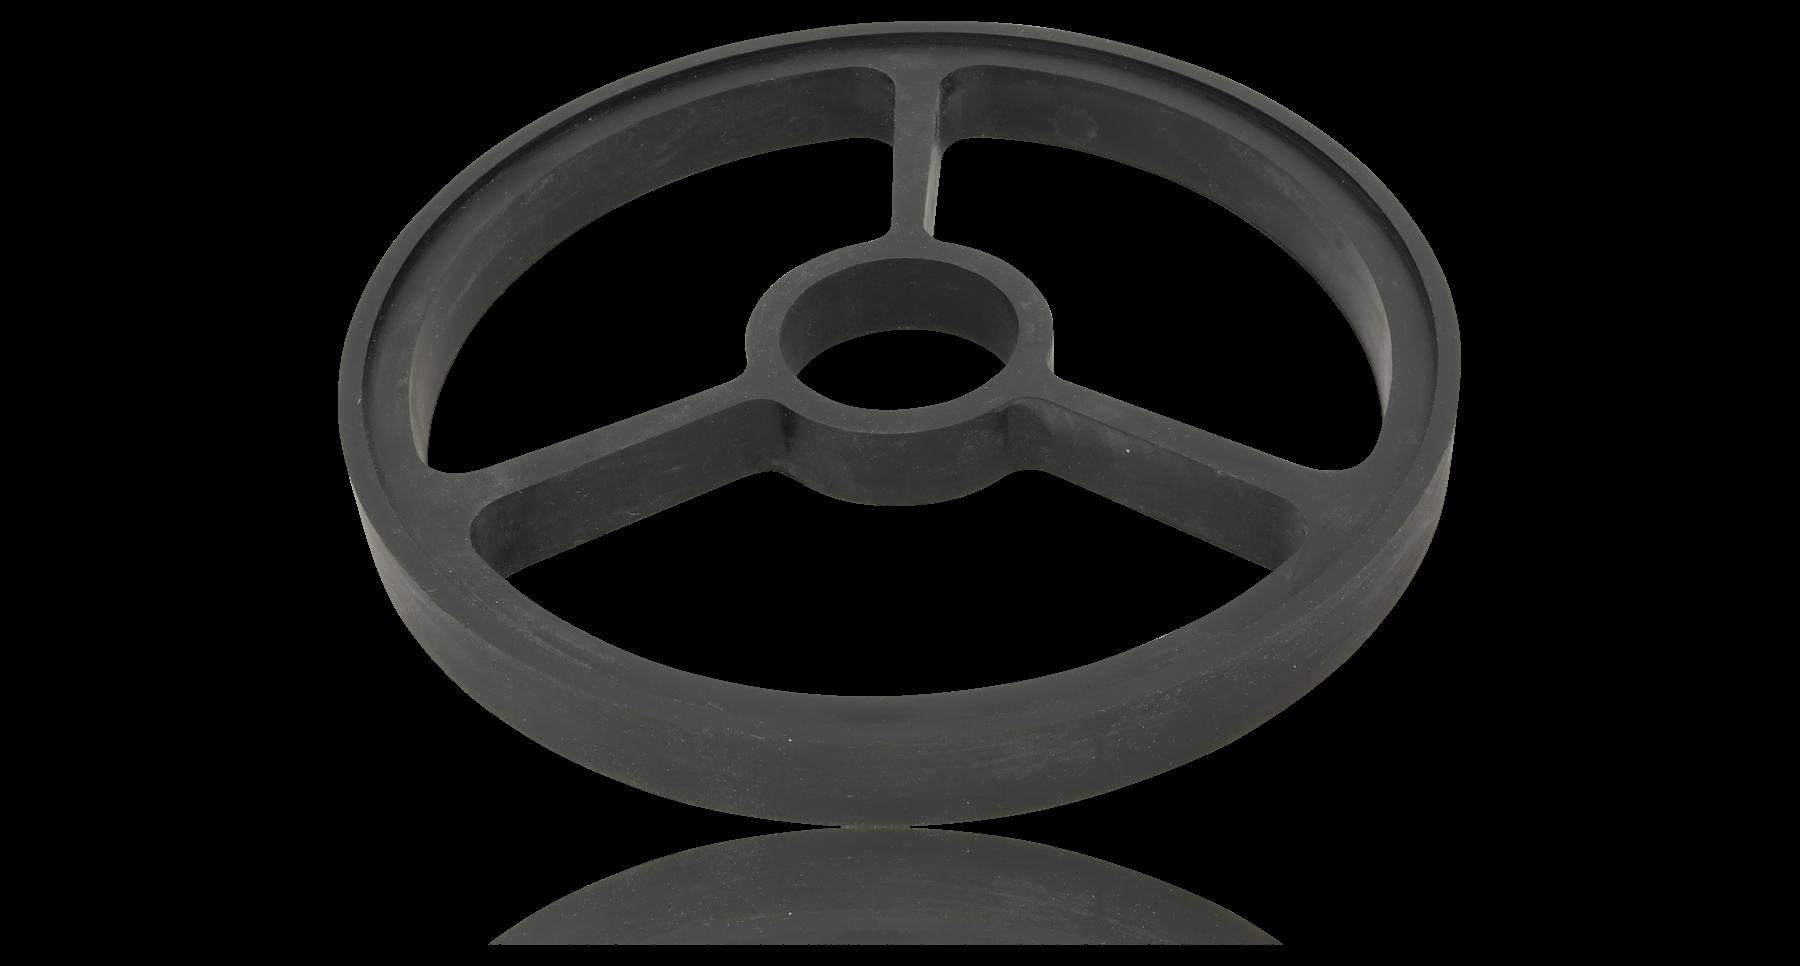 Купить Подставка для камней (QA-0060, QA-0061, QA-0062) 220*23мм плоский круг, Togi Zyozu в России